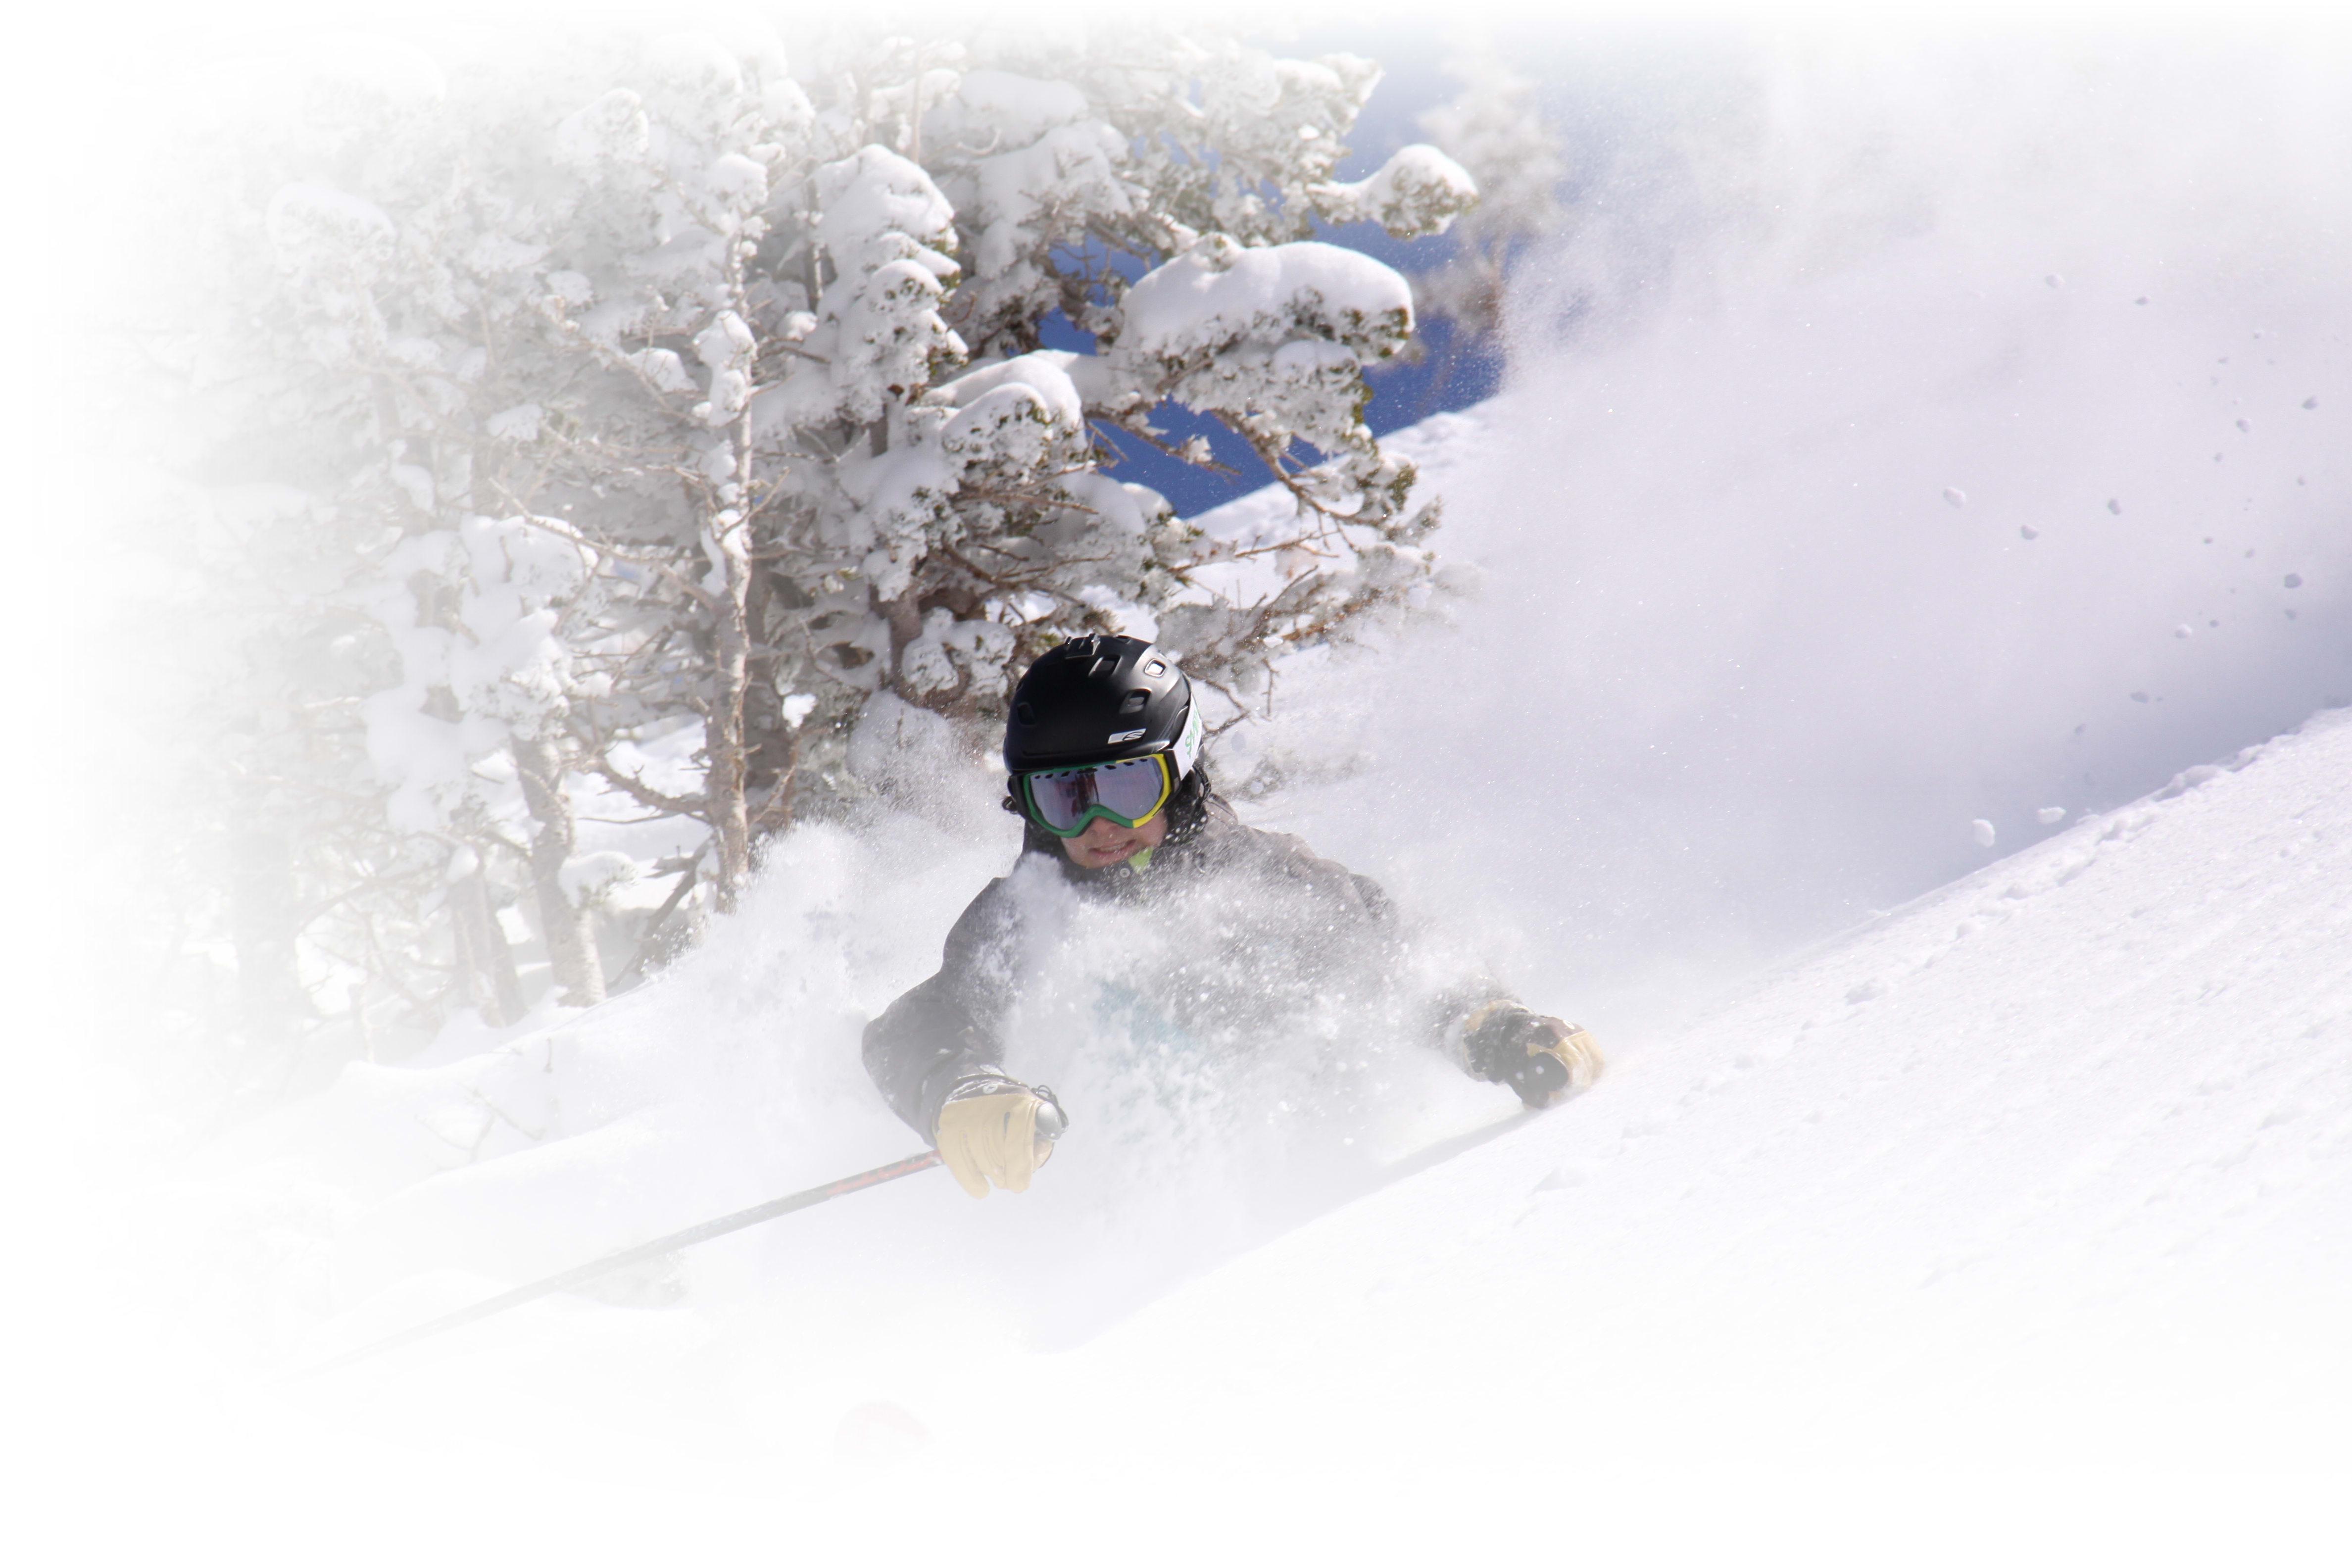 teen skiing in deep powder